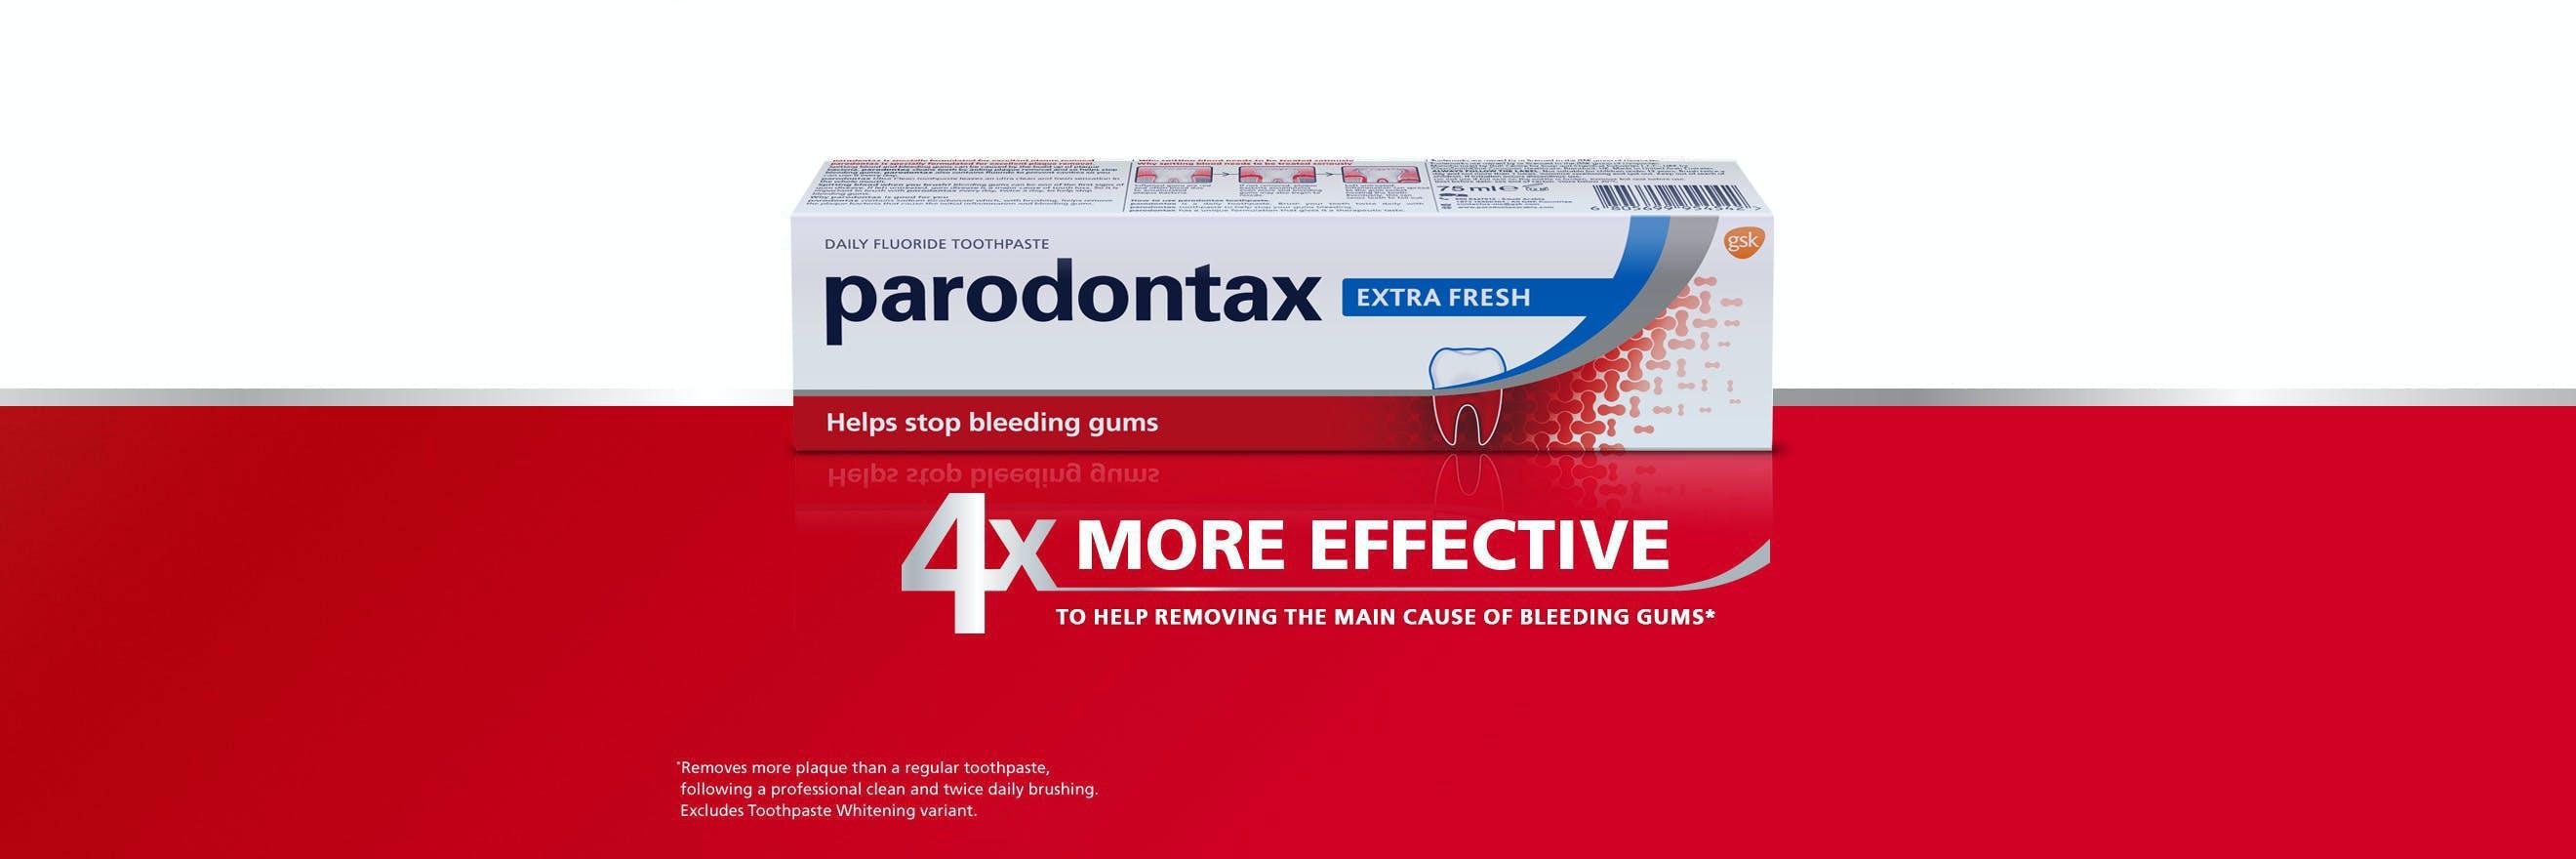 معجون أسنان بارودونتكس للنظافة الفائقة اليومي الجديد